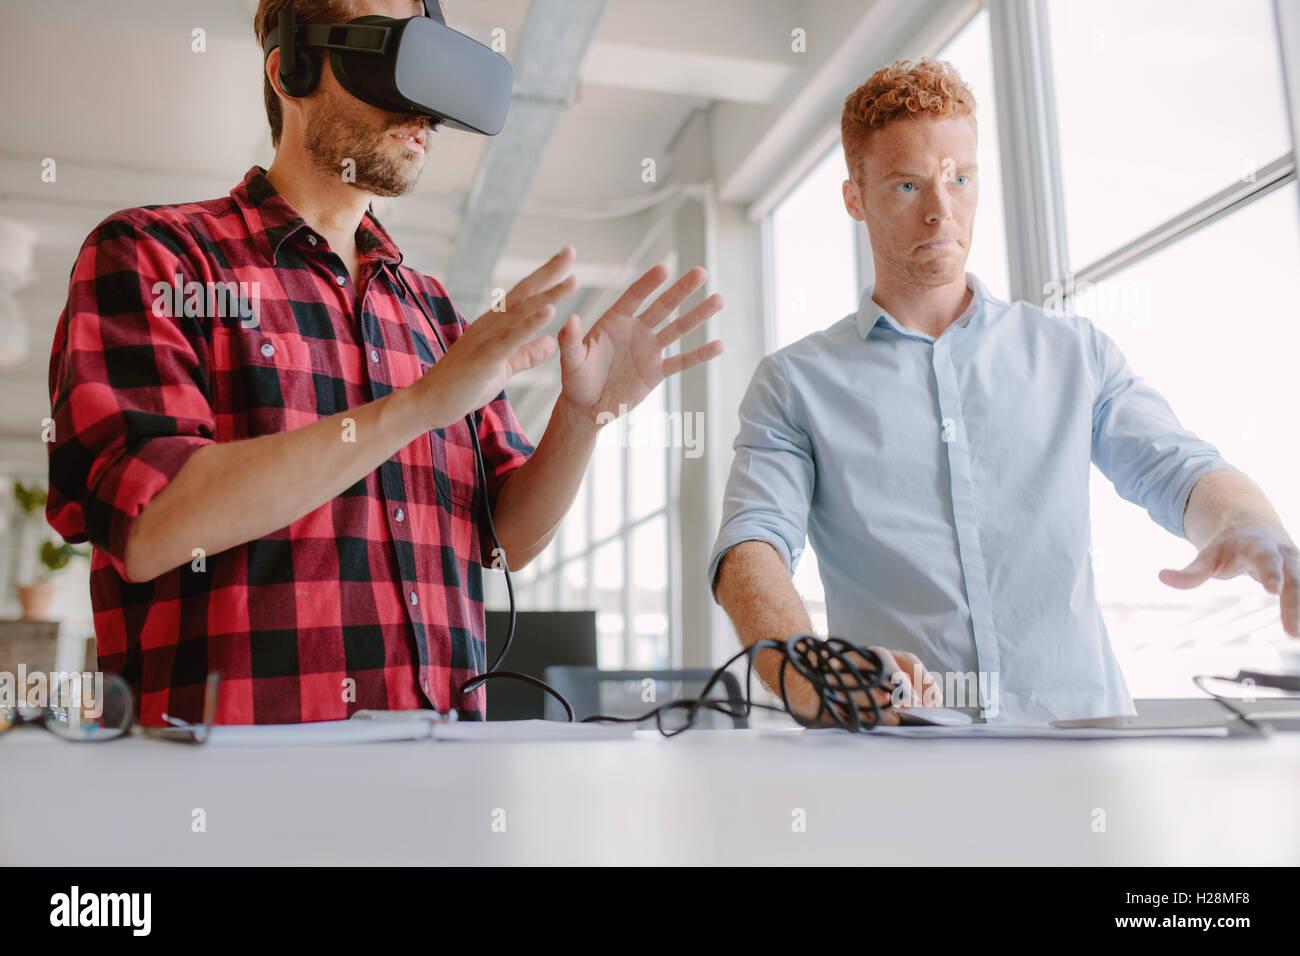 Gli sviluppatori a testare un augmented reality dispositivo con una vasta gamma di impieghi dal gioco di aiuto visivo. Immagini Stock